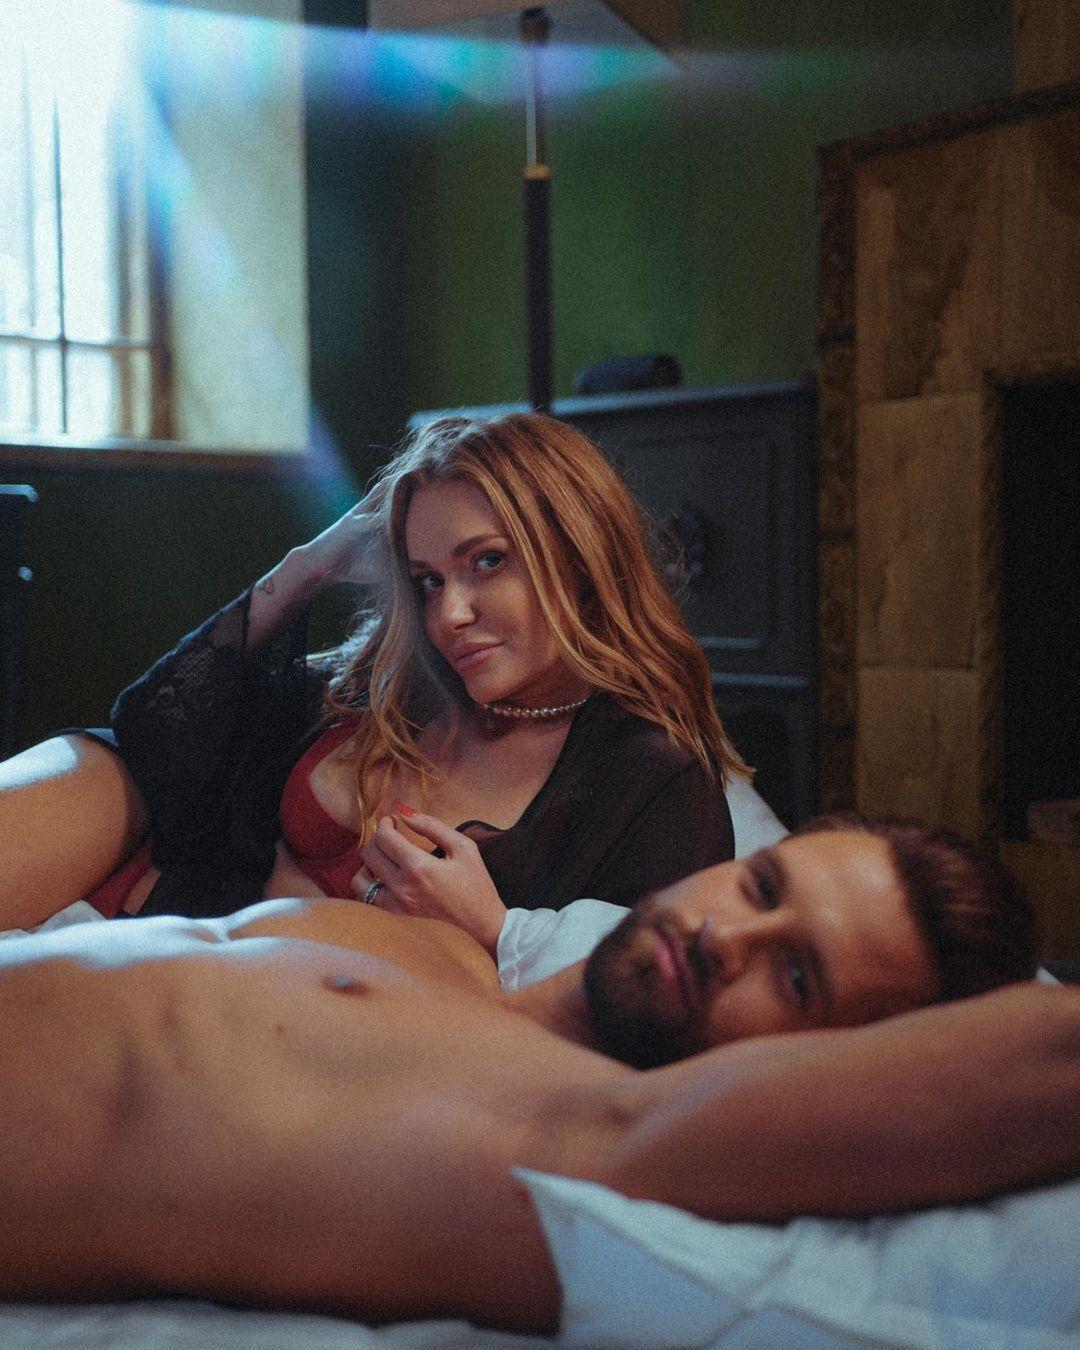 Слава Каминская позирует в постели с мужчиной